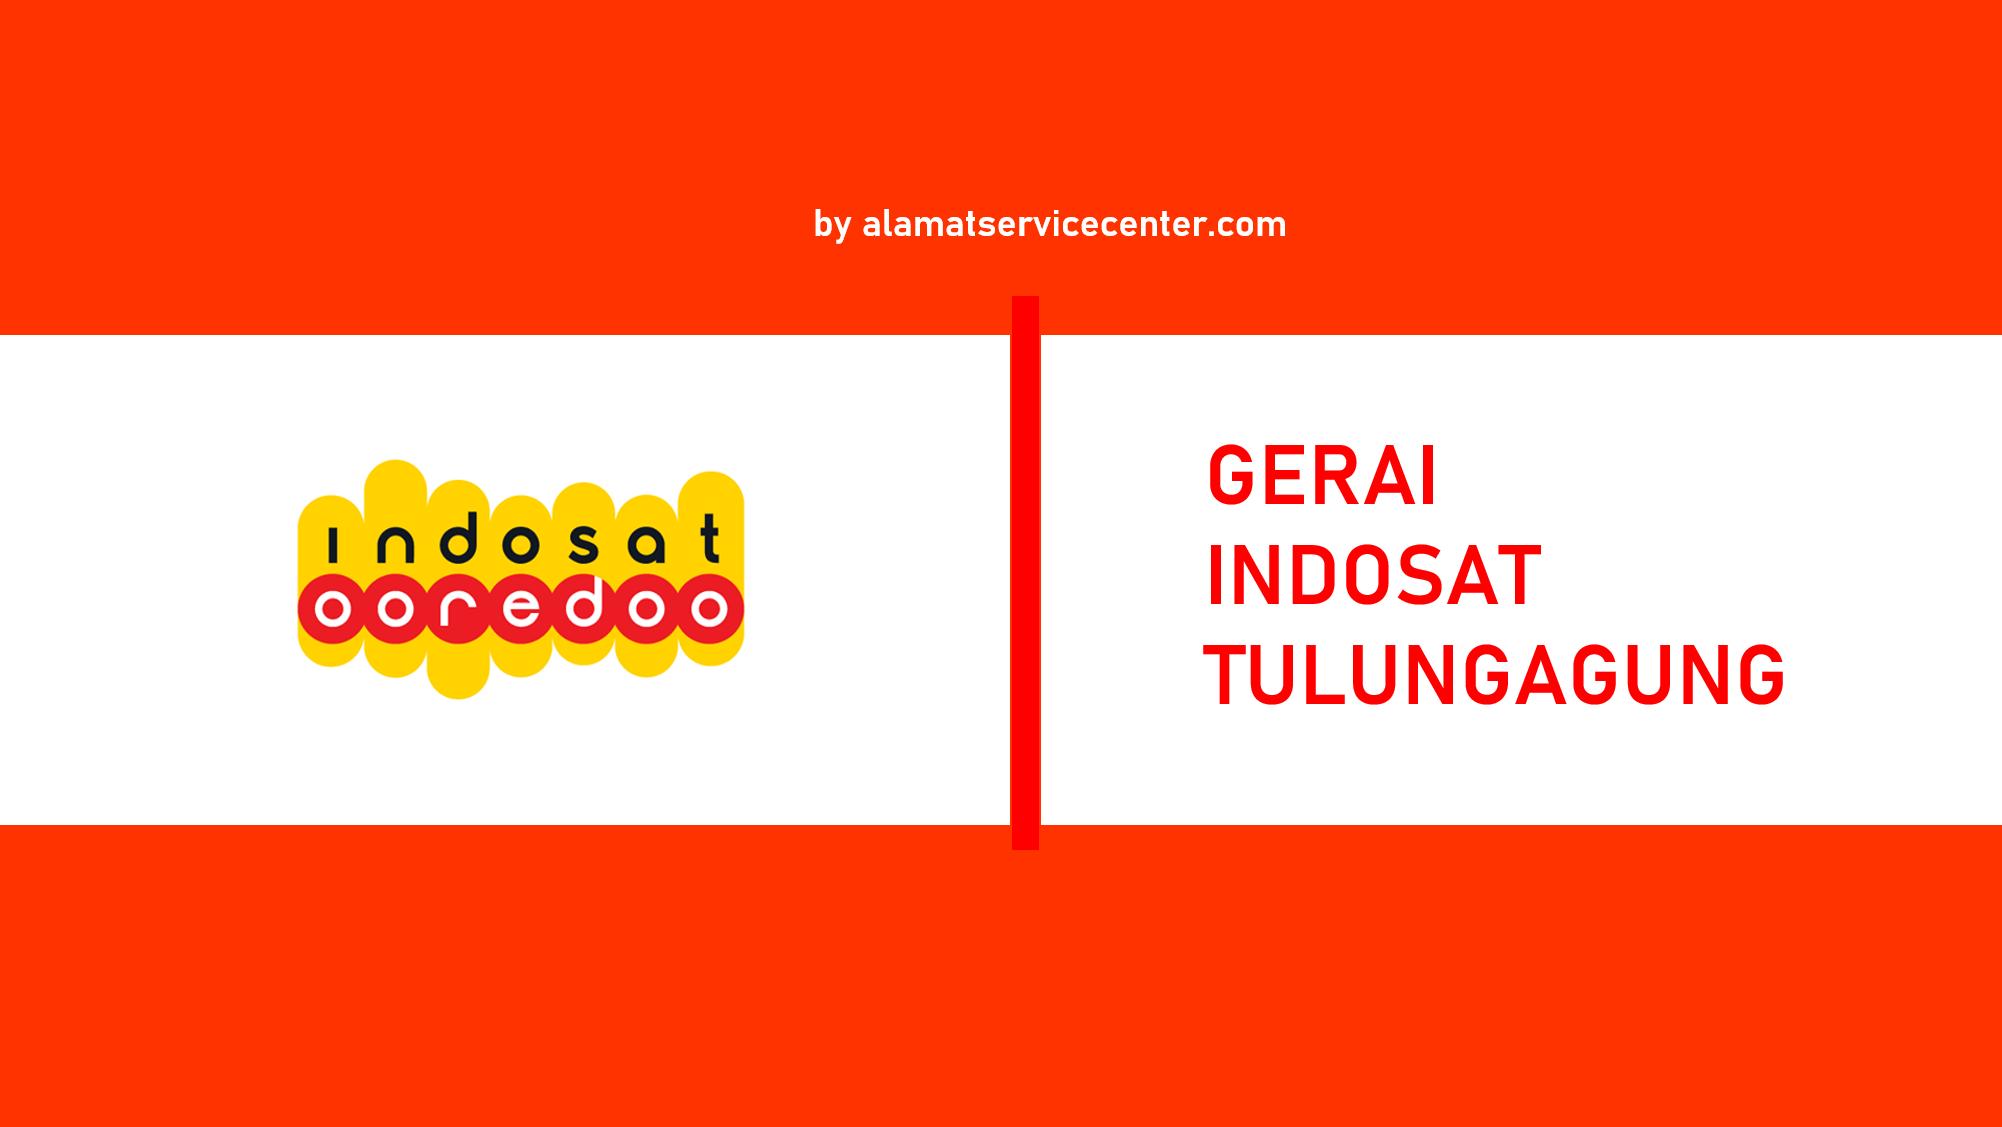 Gerai Indosat Tulungagung